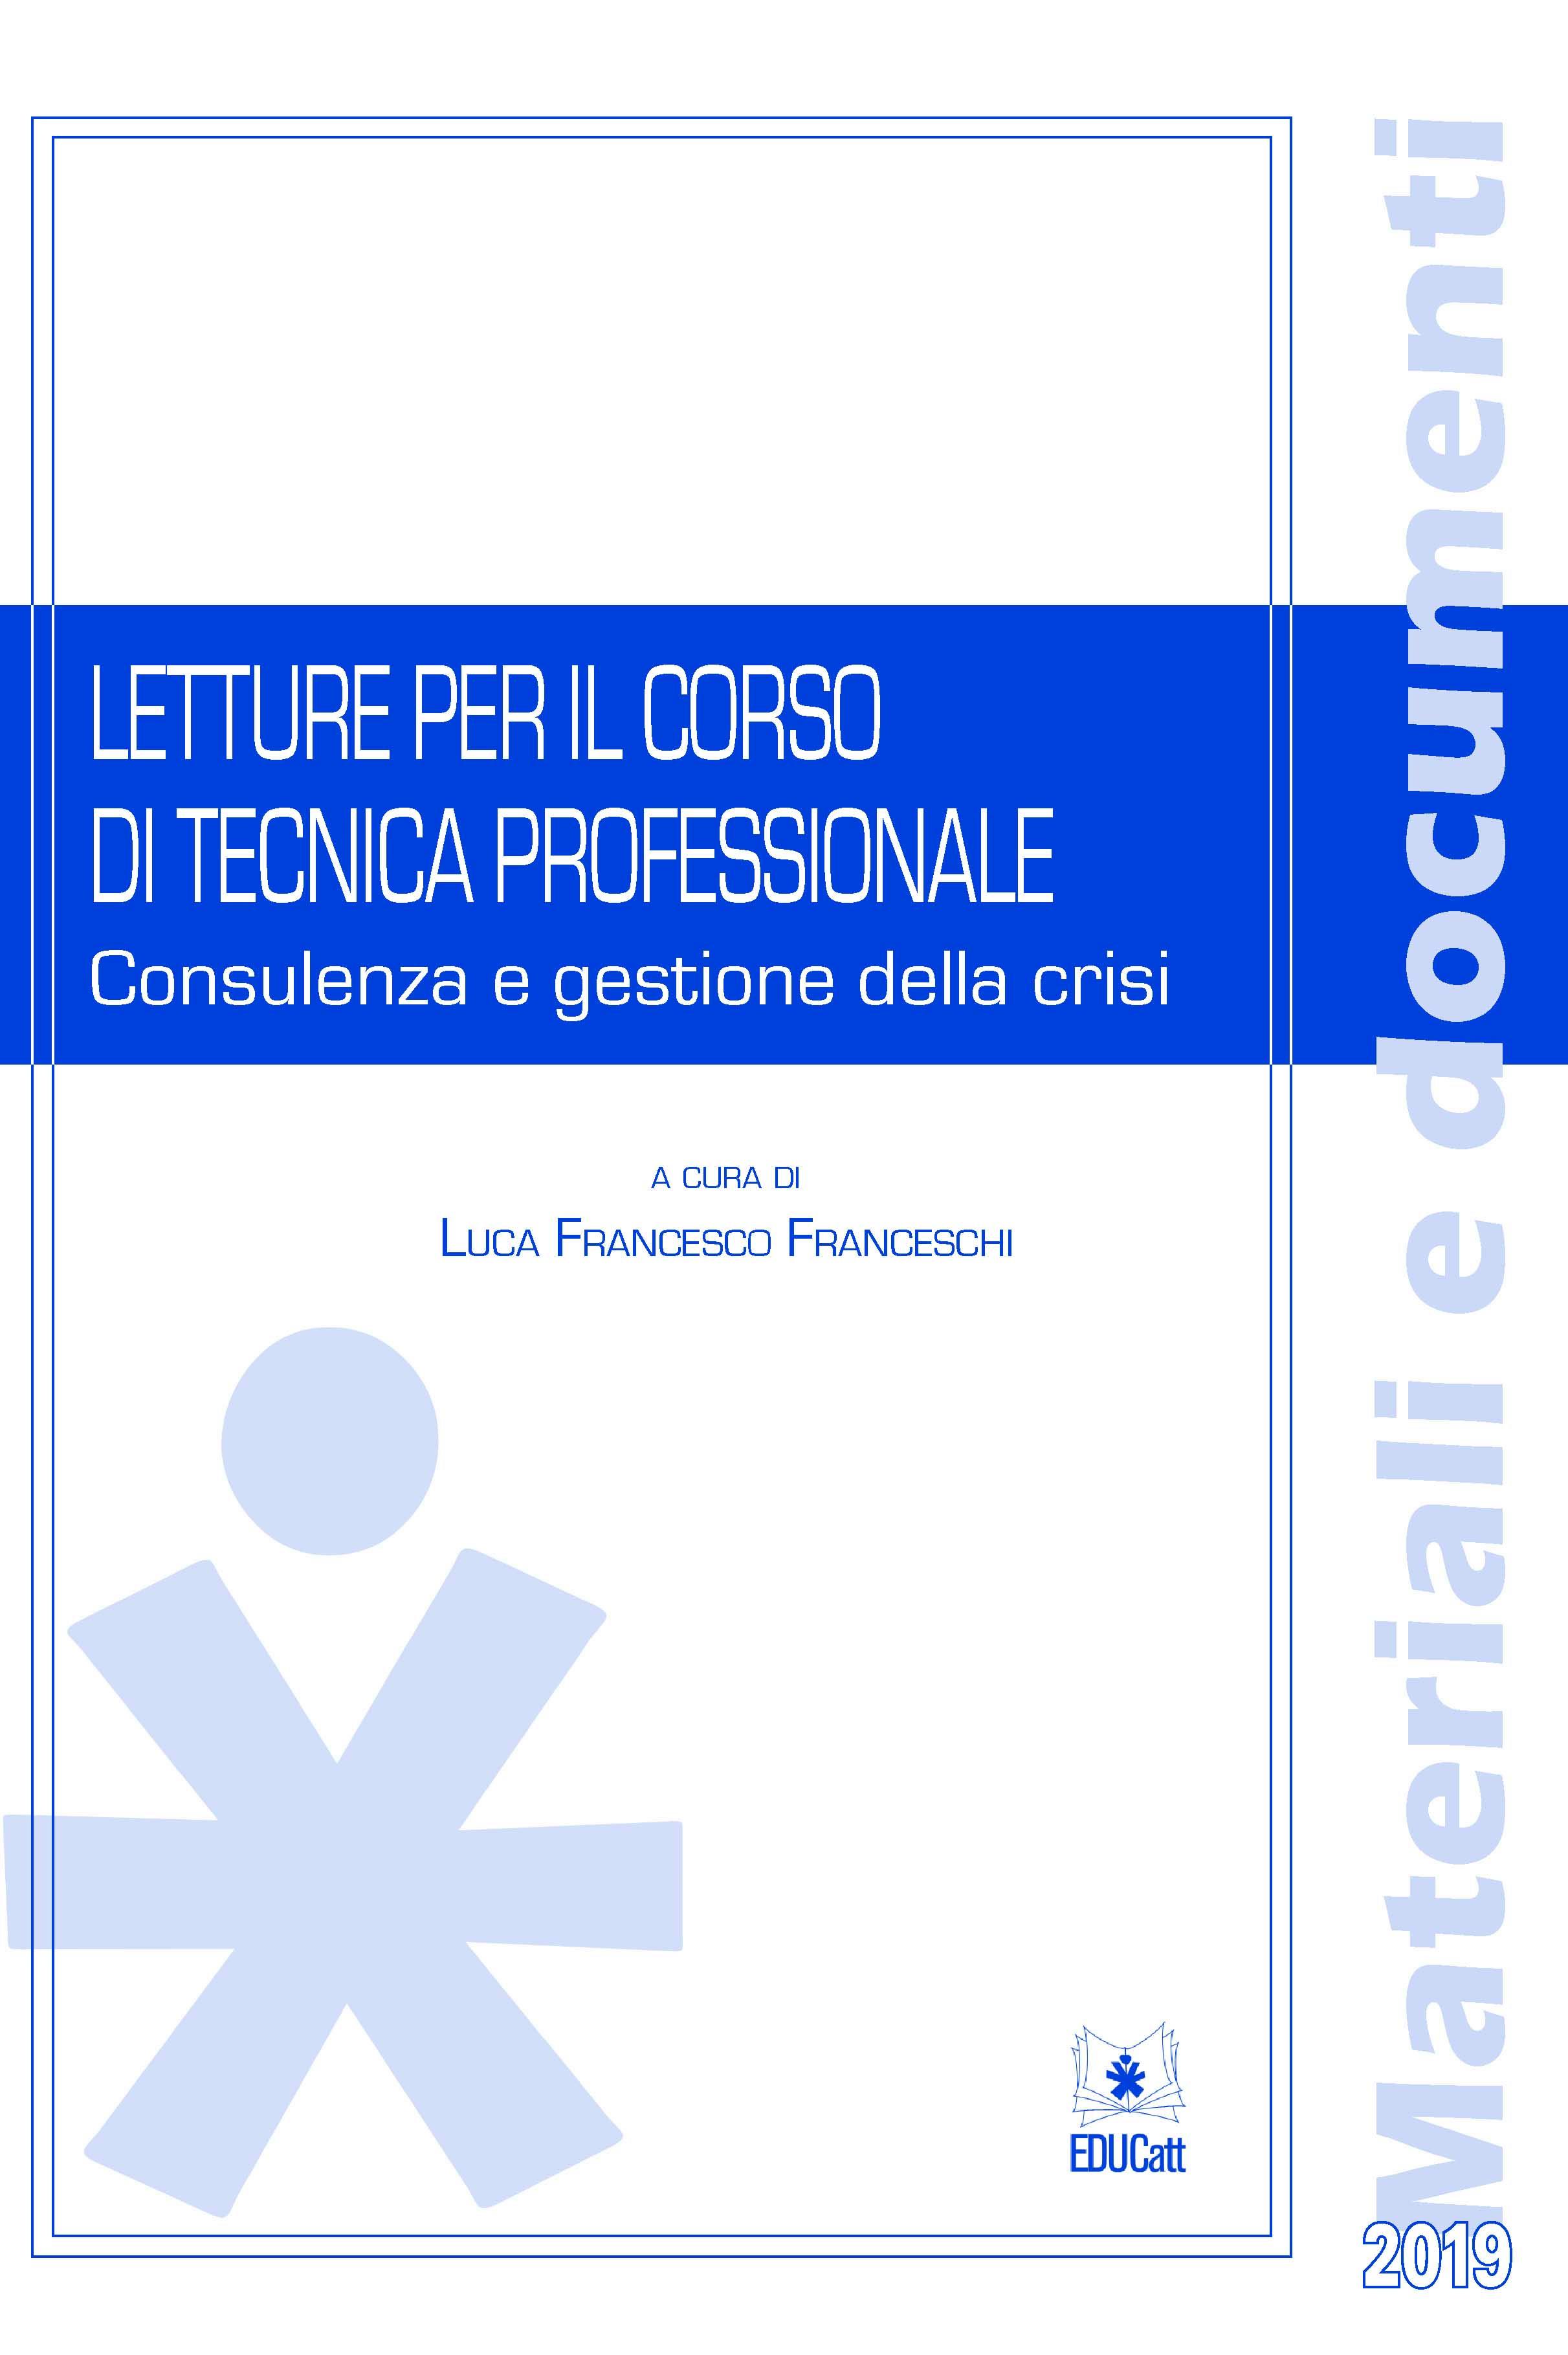 LETTURE PER IL CORSO DI TECNICA PROFESSIONALE 2019